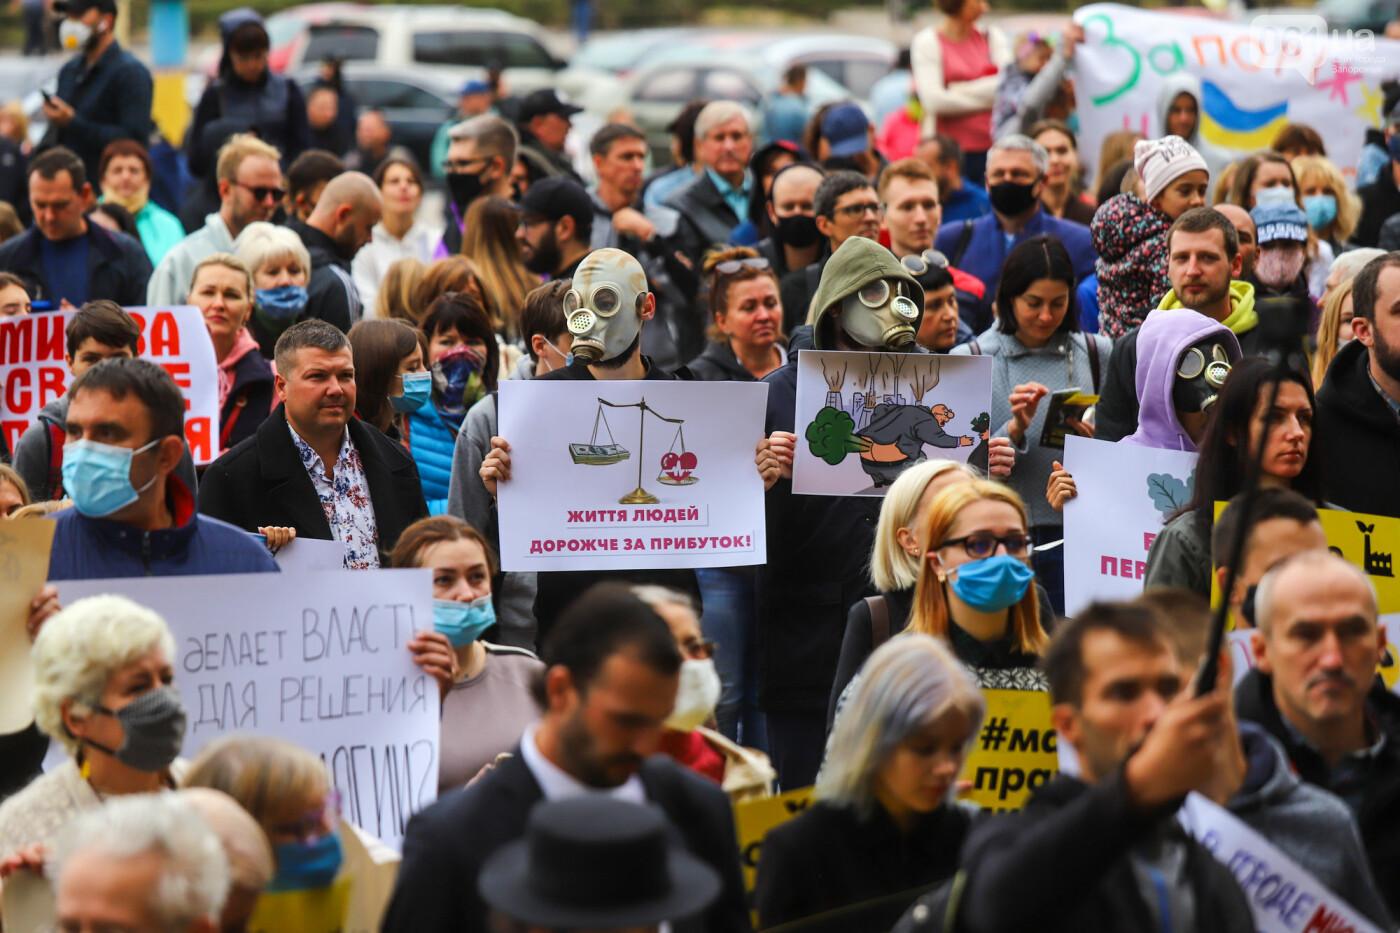 Маю право дихати: тысячи запорожцев вышли на экологический митинг, ФОТО, ВИДЕО, фото-33